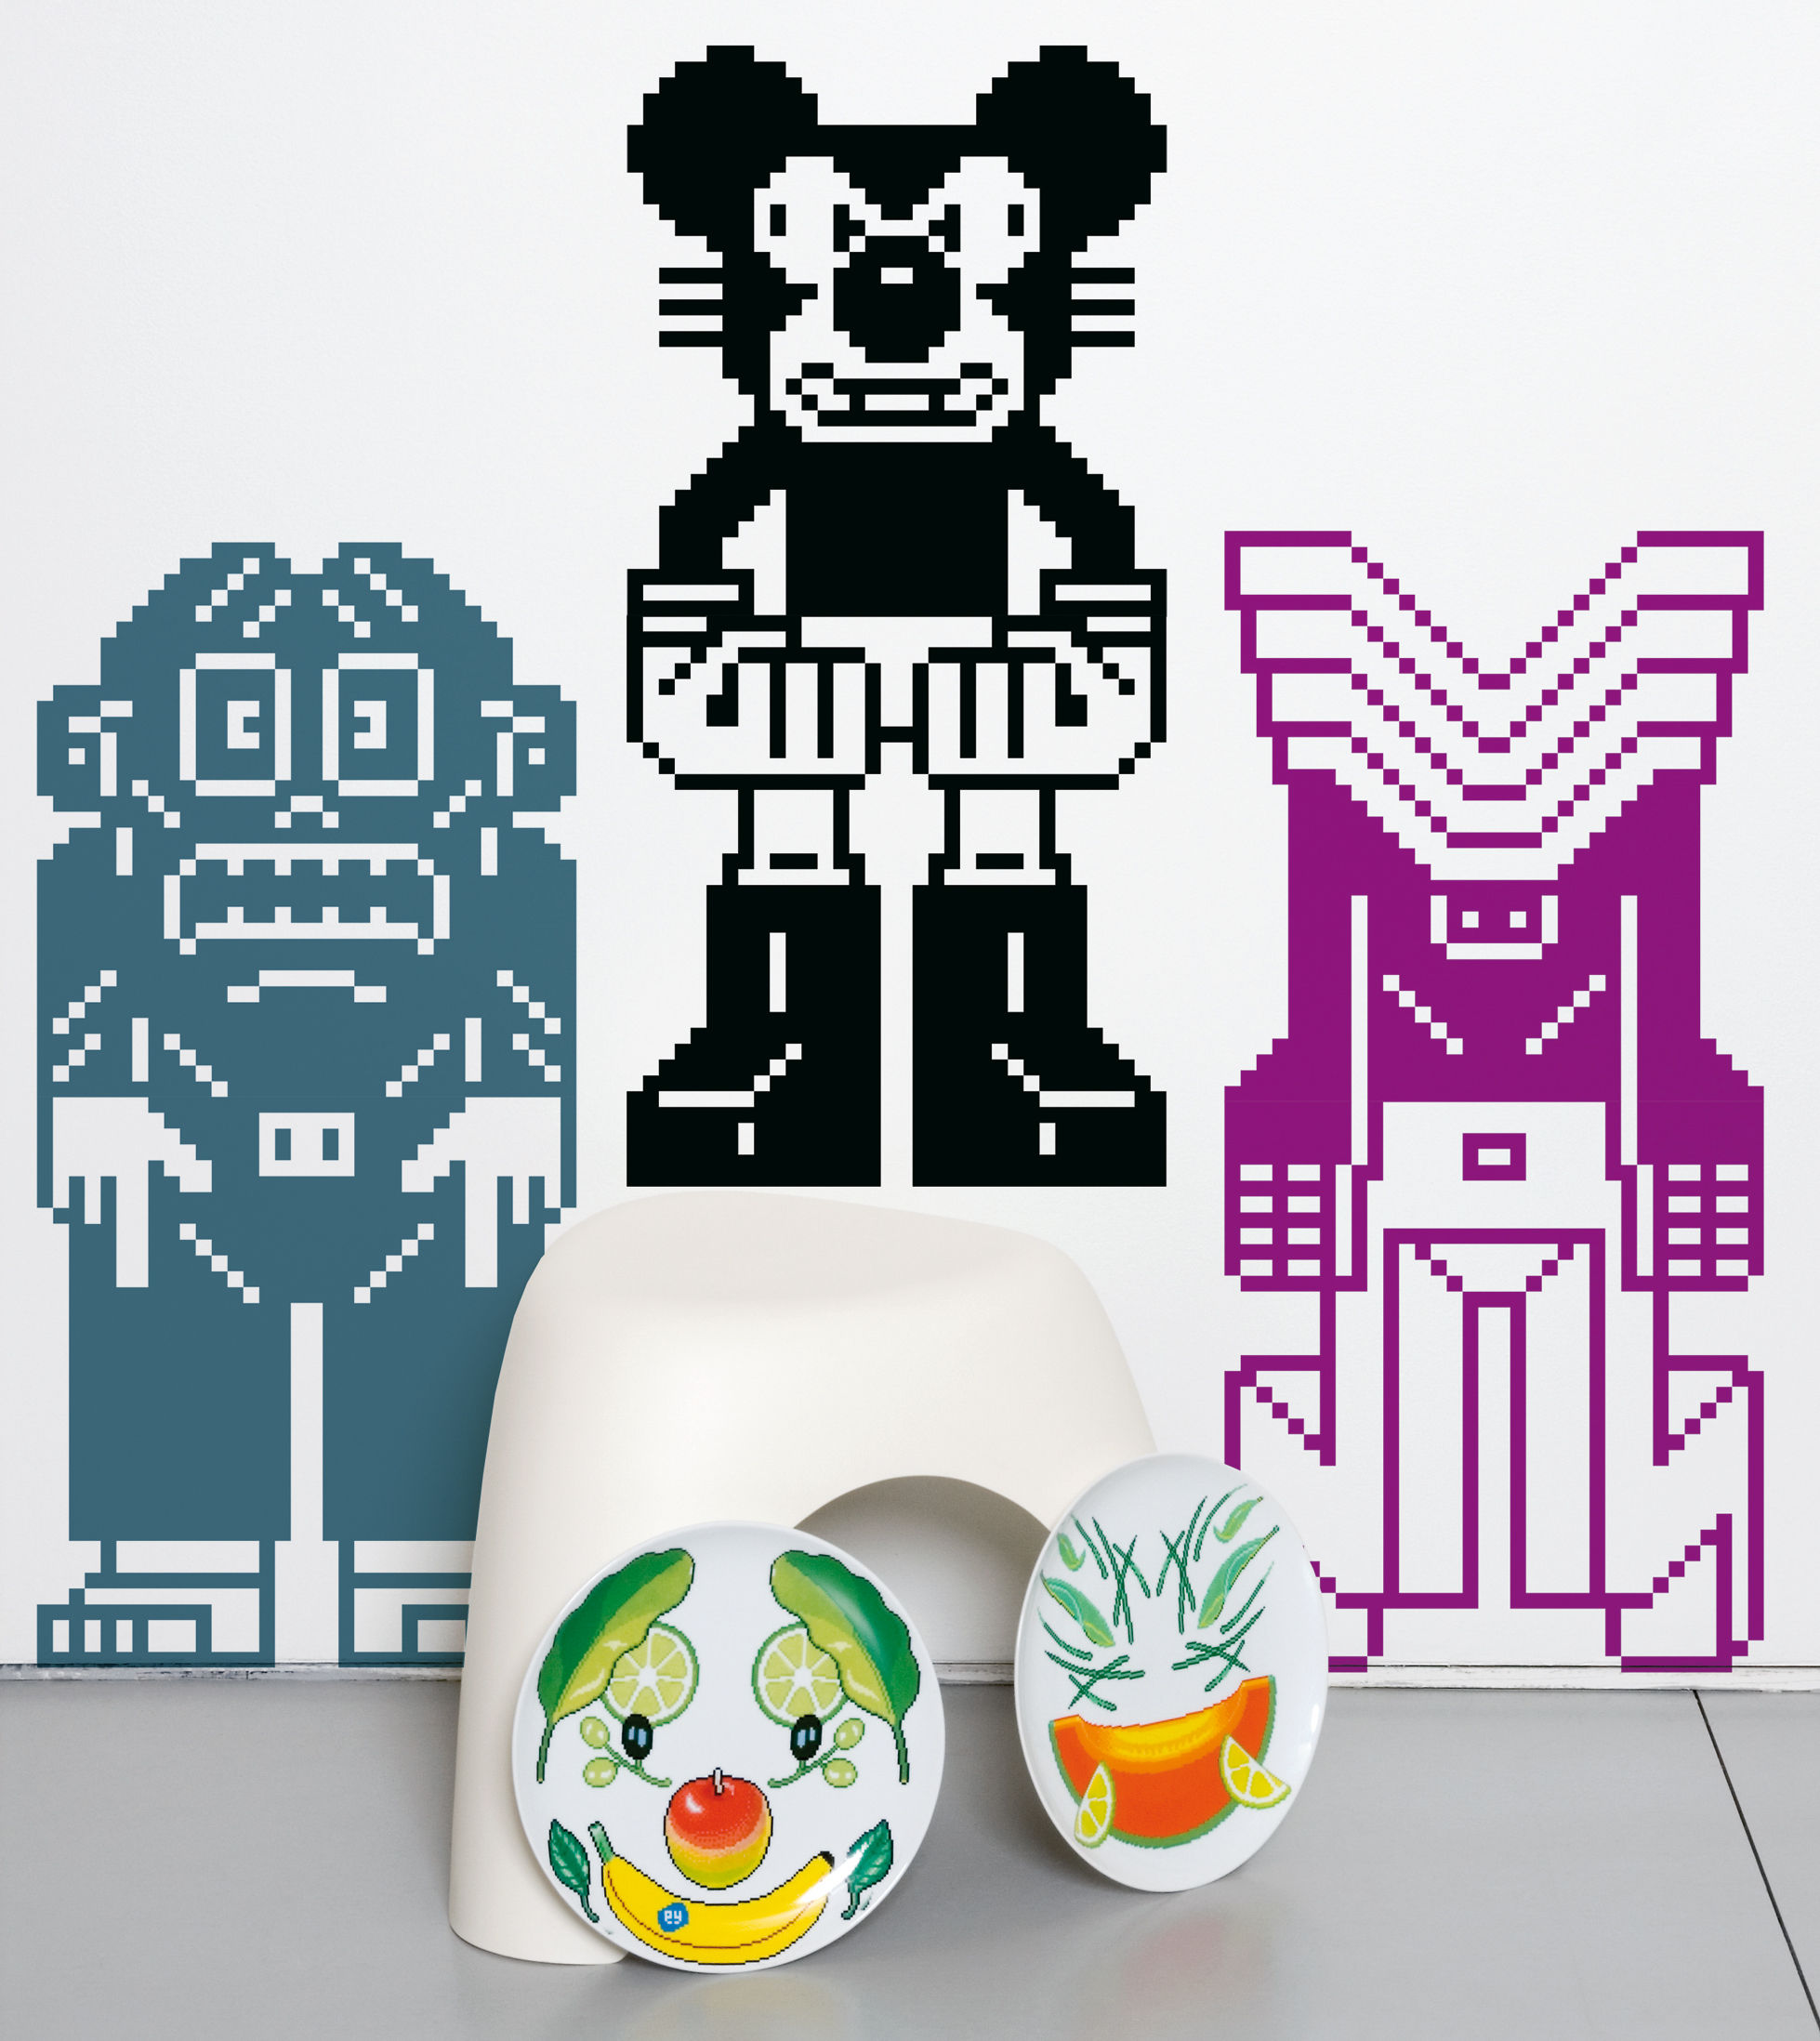 Déco - Stickers, papiers peints & posters - Sticker Peecol sticky 1 - Domestic - Multicolore - Vinyle